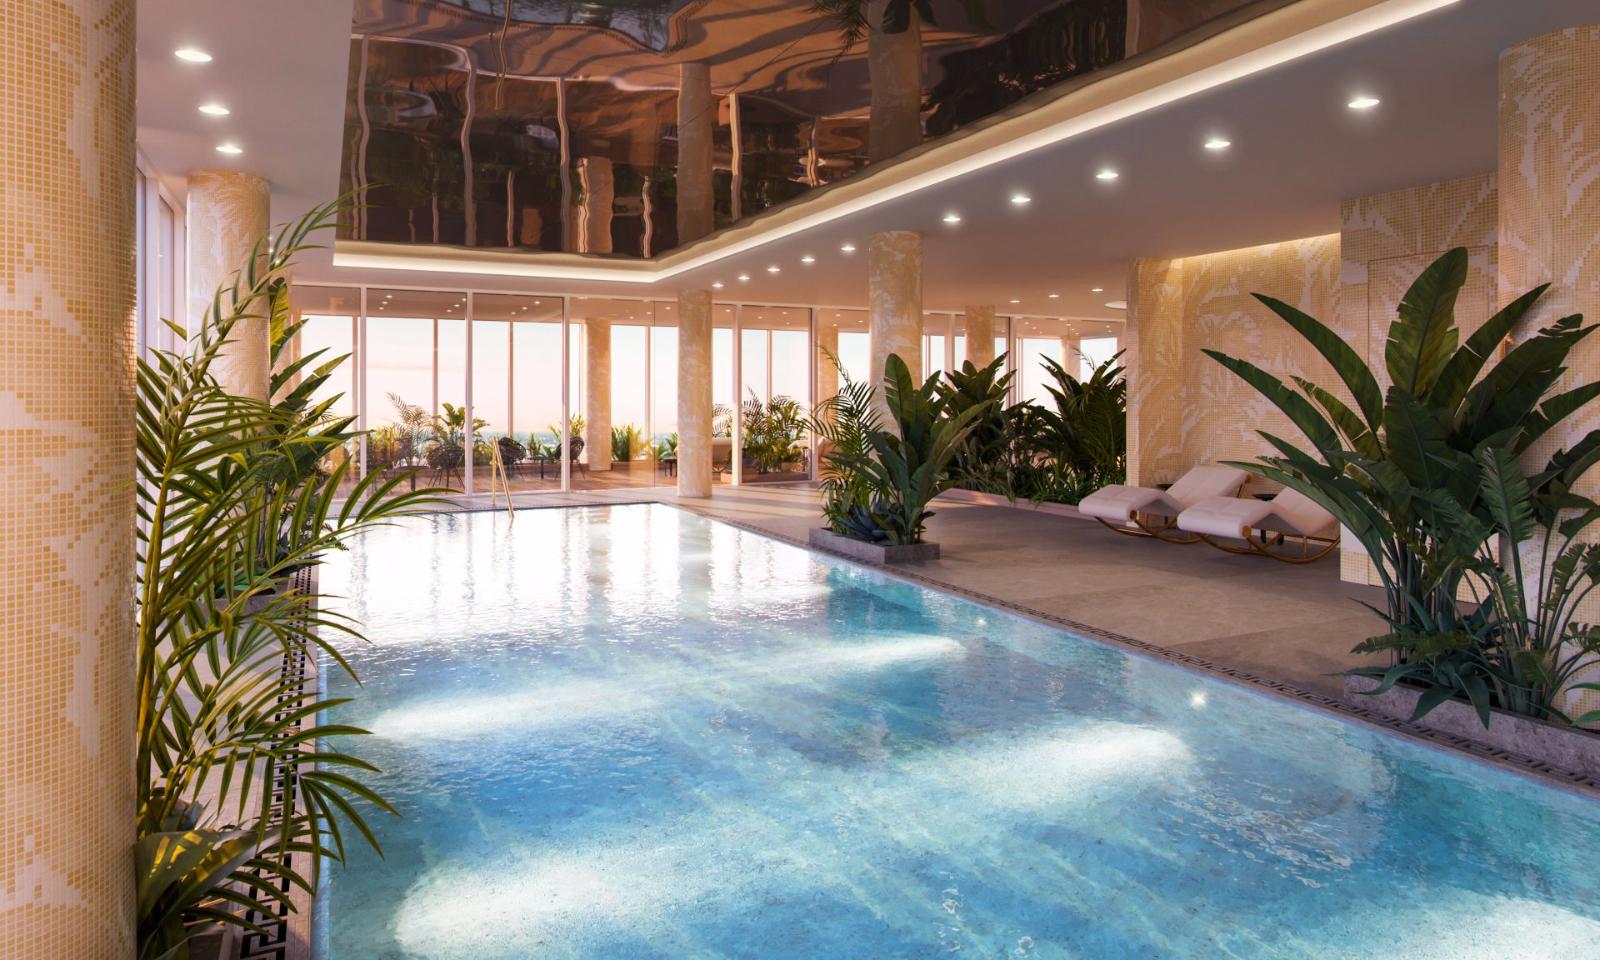 AYKON London One,Pool & Sport